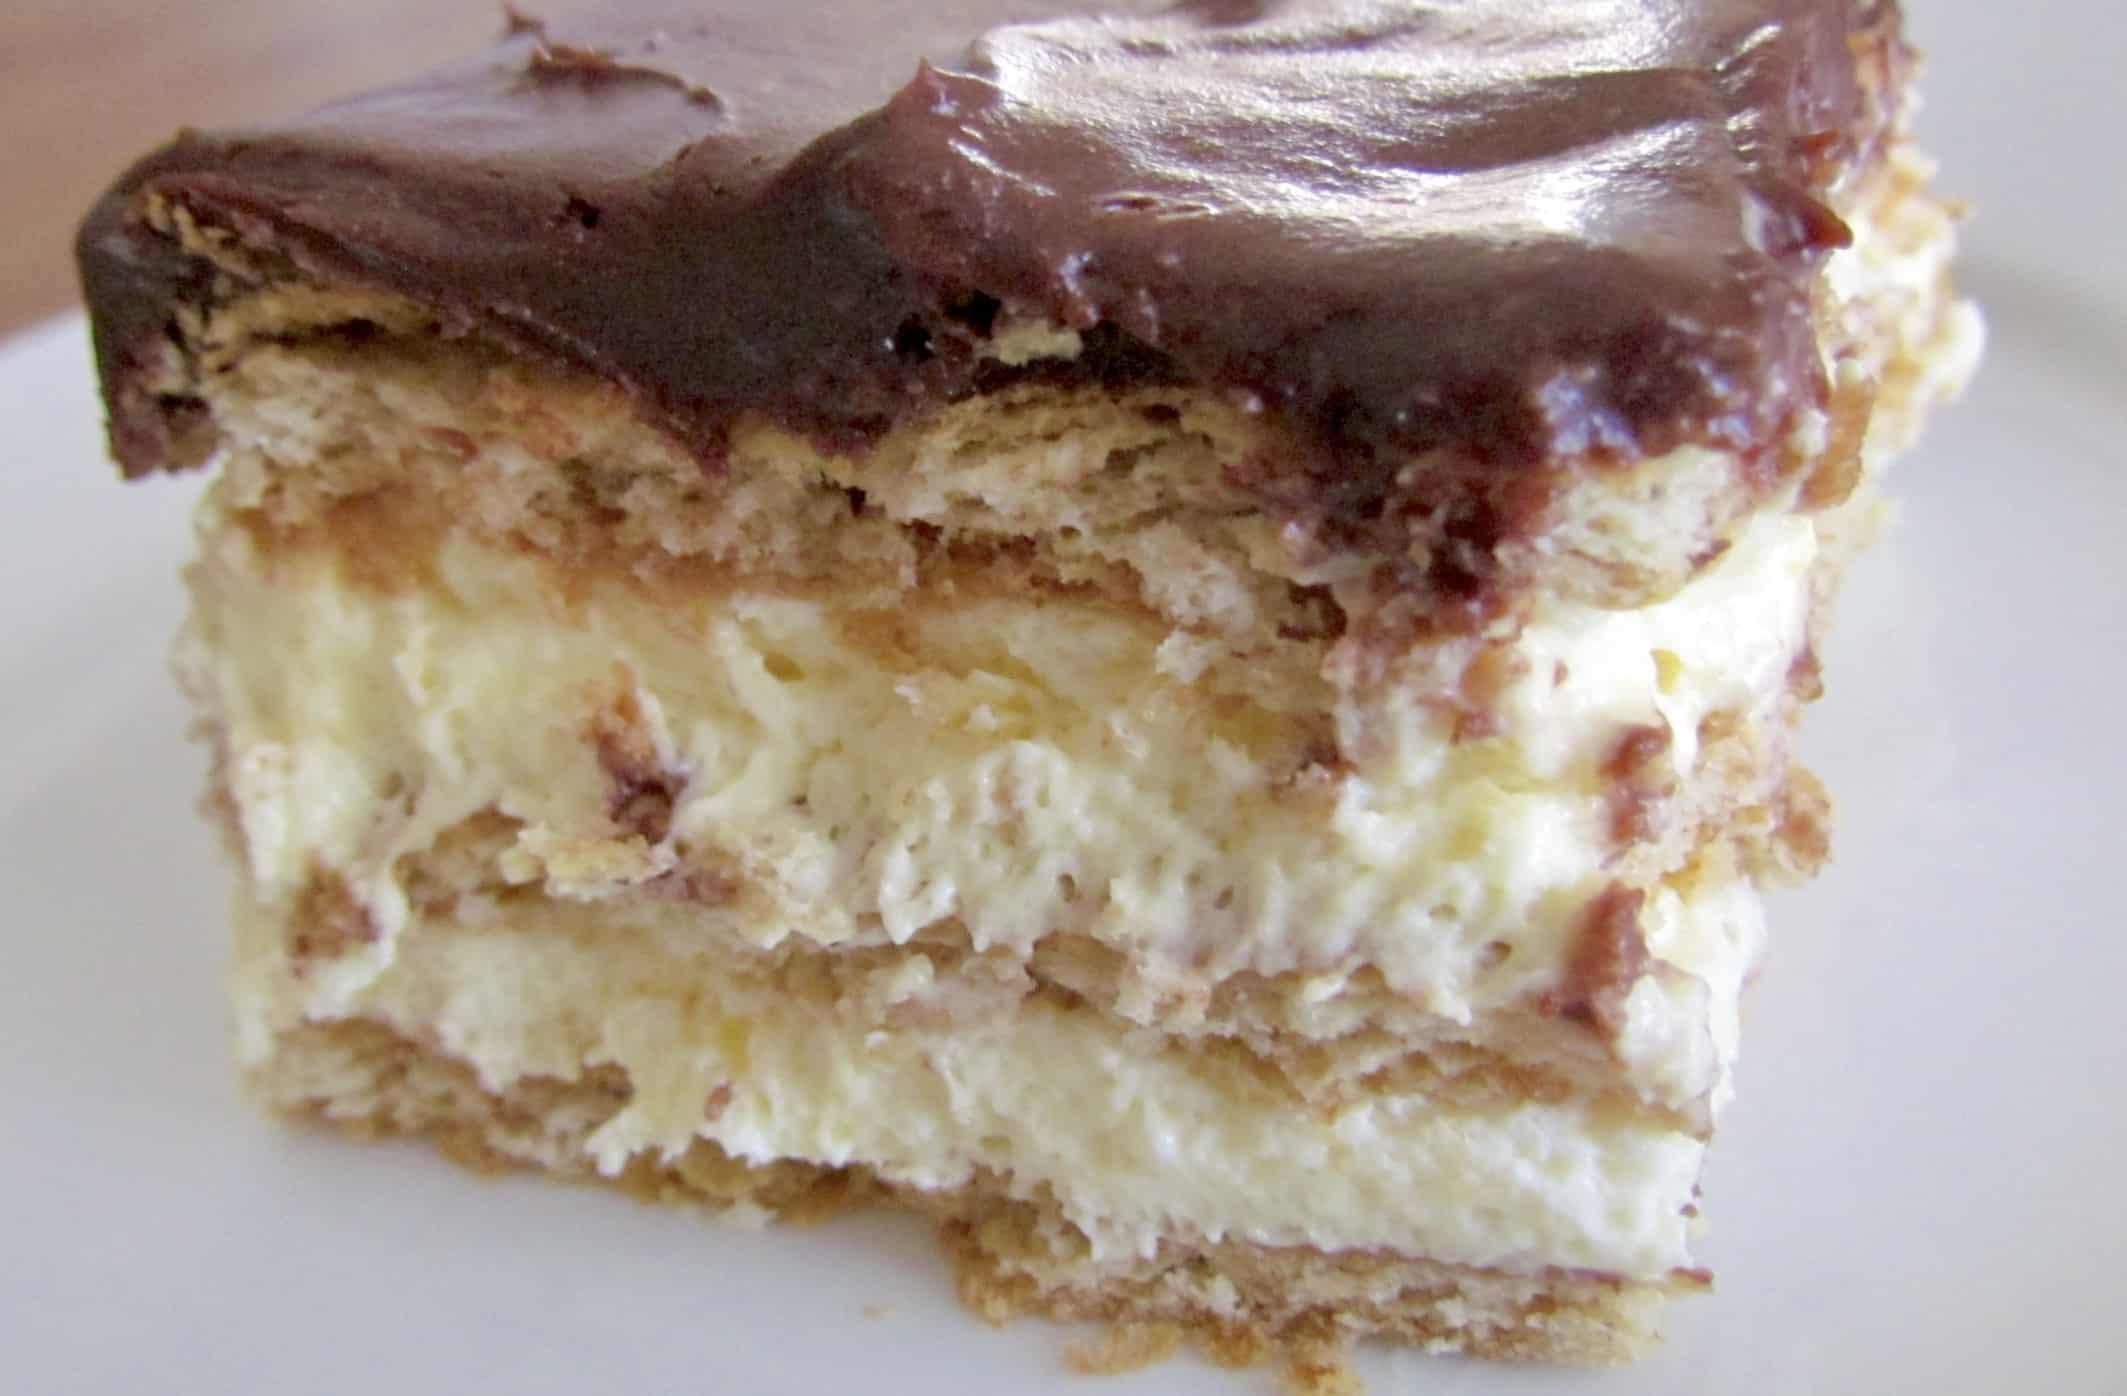 No Bake Eclair Dessert  No Bake Eclair Cake The Country Cook